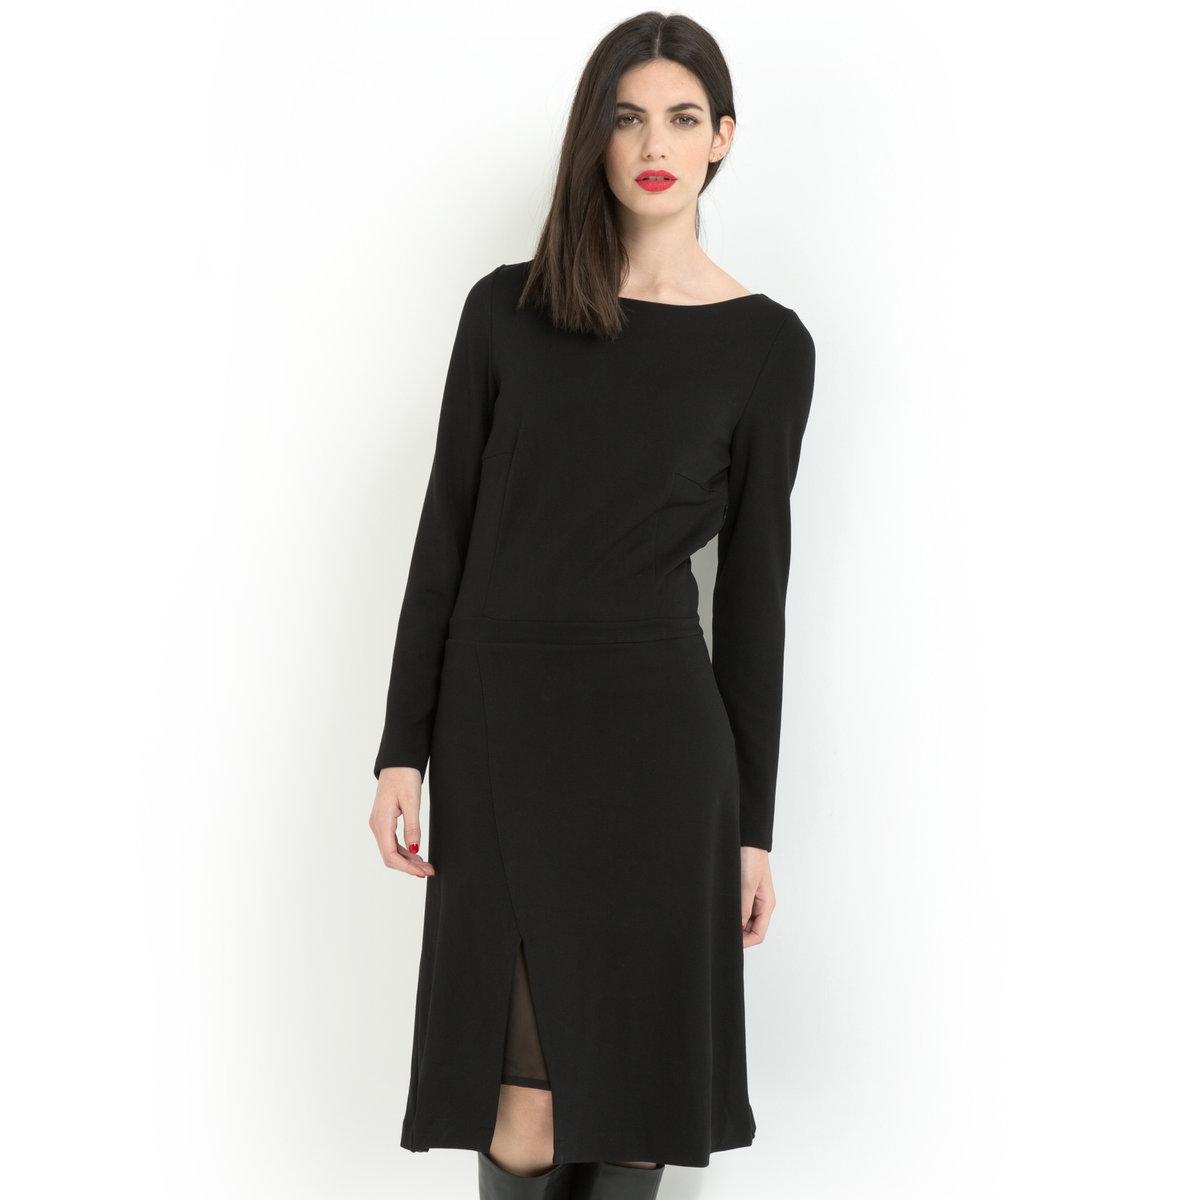 Платье с длинными рукавамиРасклешенная юбка на подкладке из вуали (100% полиэстера) с асимметричным вырезом спереди, открывающим часть подкладки.    Длина 100 см.<br><br>Цвет: черный